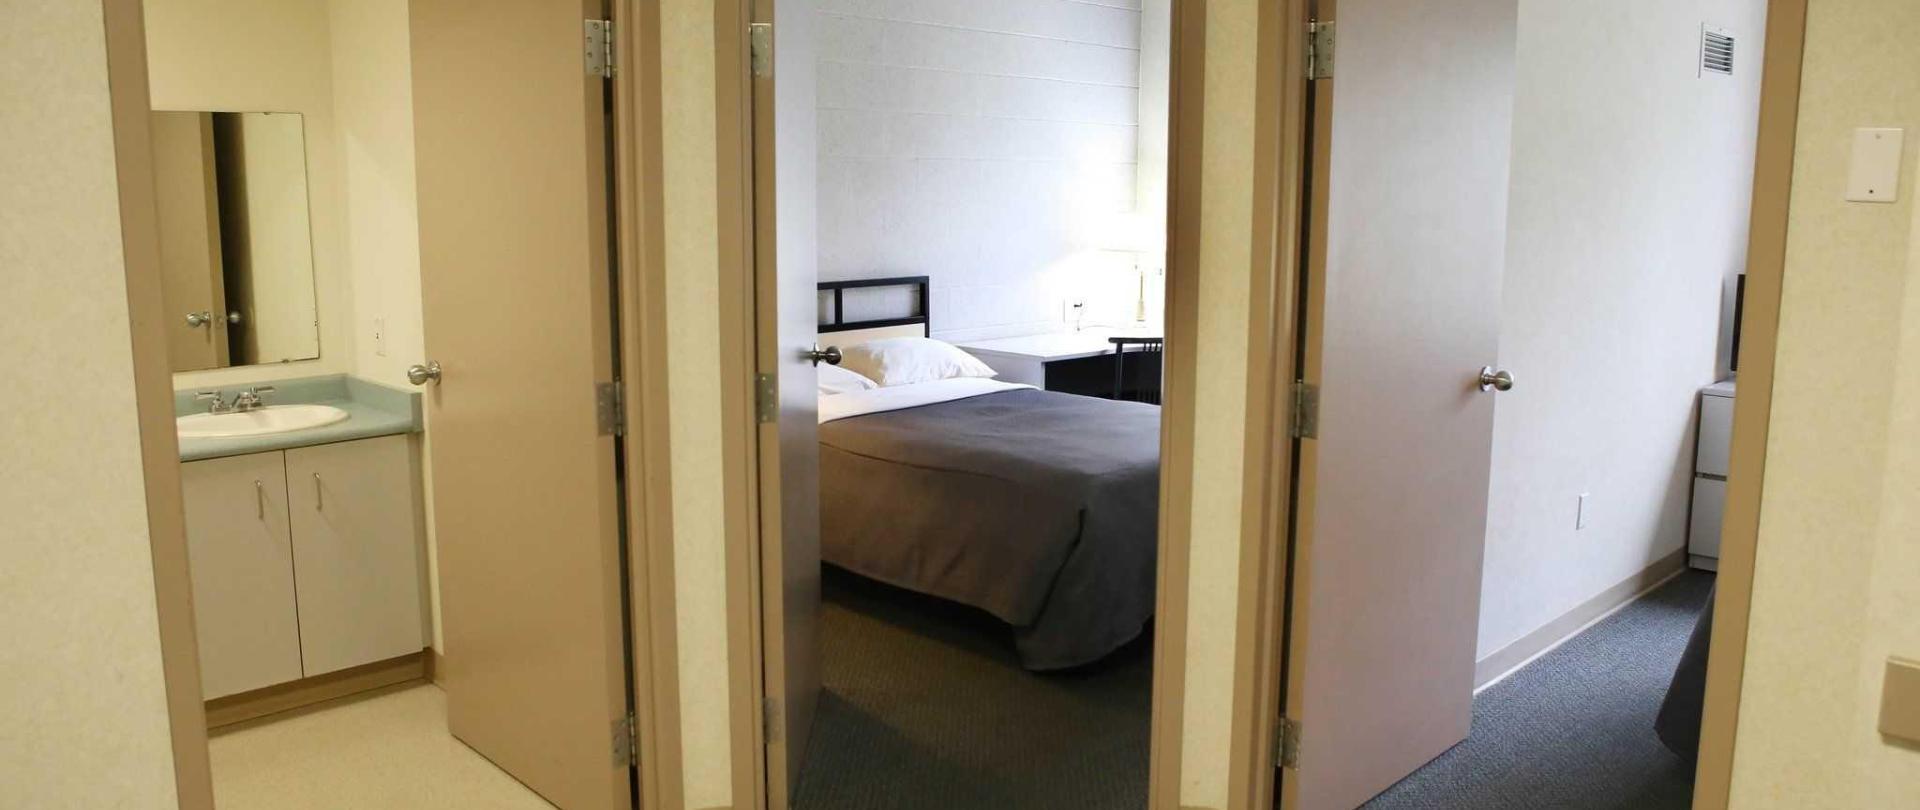 suite-entrance.jpg